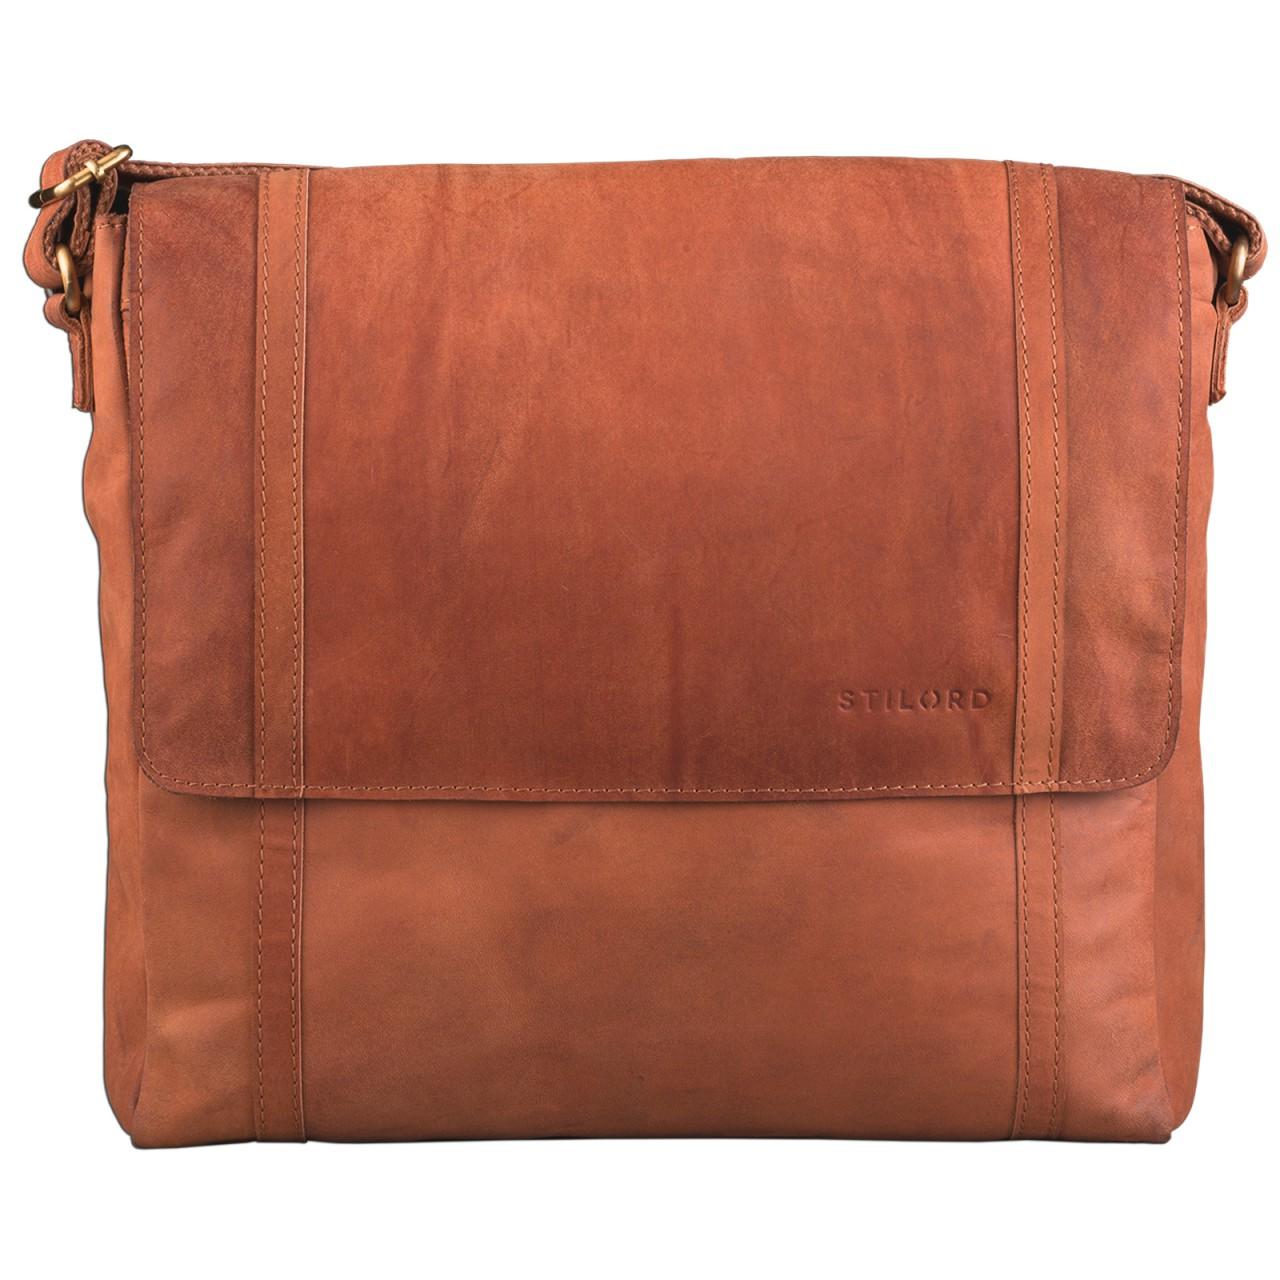 STILORD Schultertasche Ledertasche Umhängetasche Messenger Bag MacBook Laptop 14 Zoll A4 Akten Uni Freizeit Arbeit Leder orange braun - Bild 3